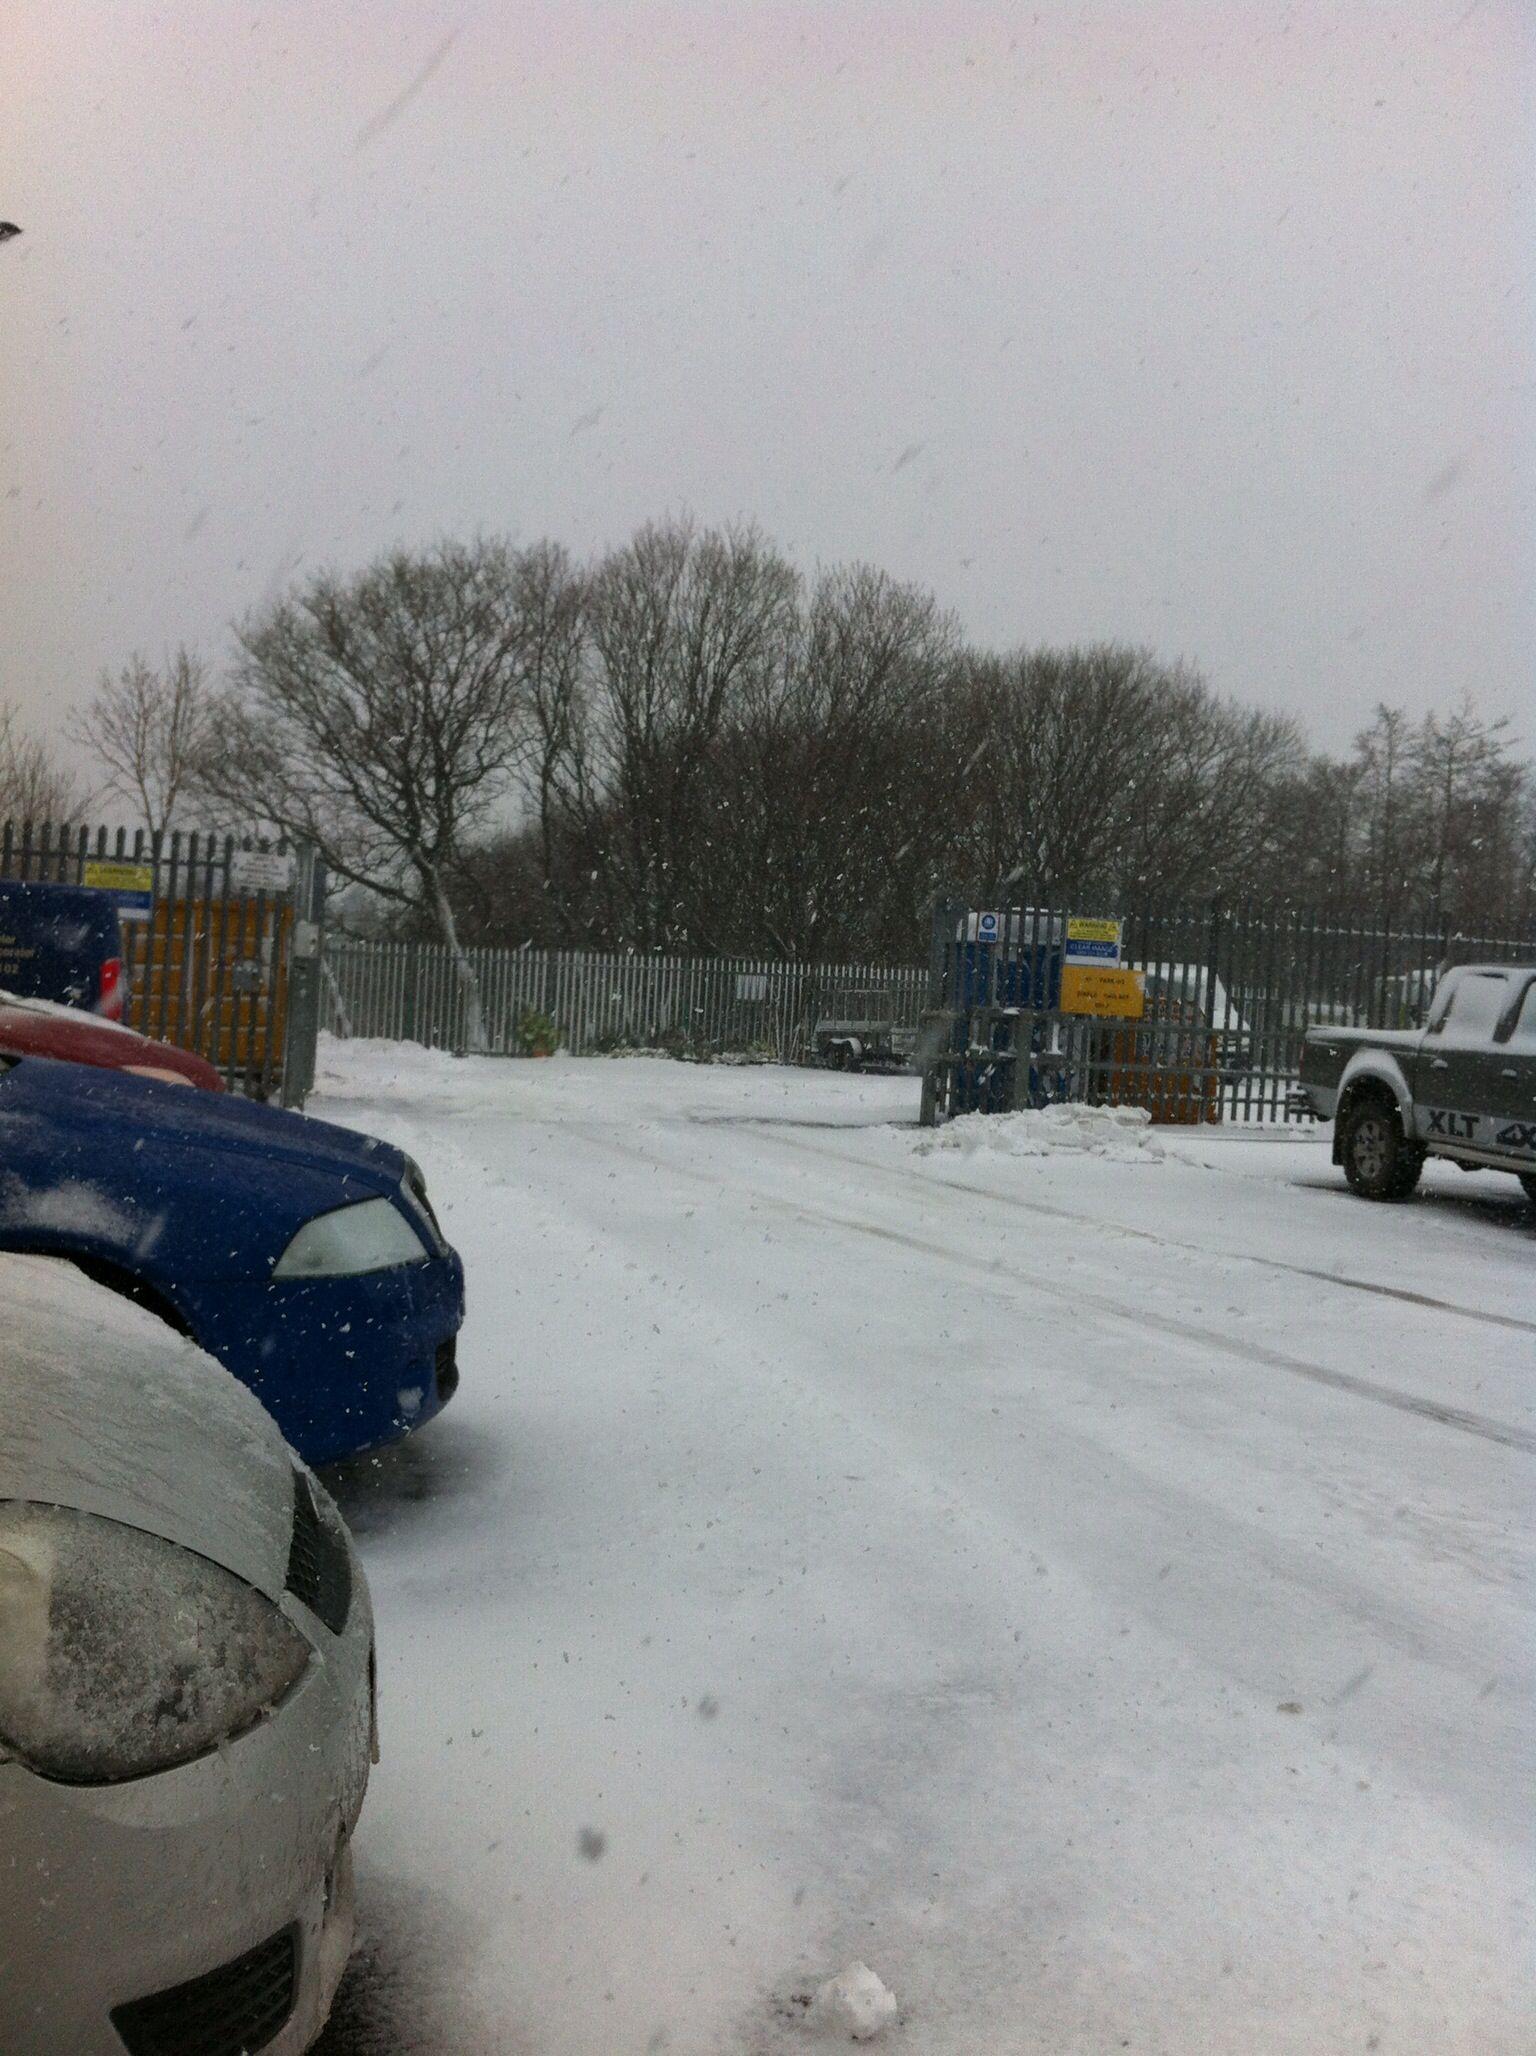 Winter arrives at DARWEN